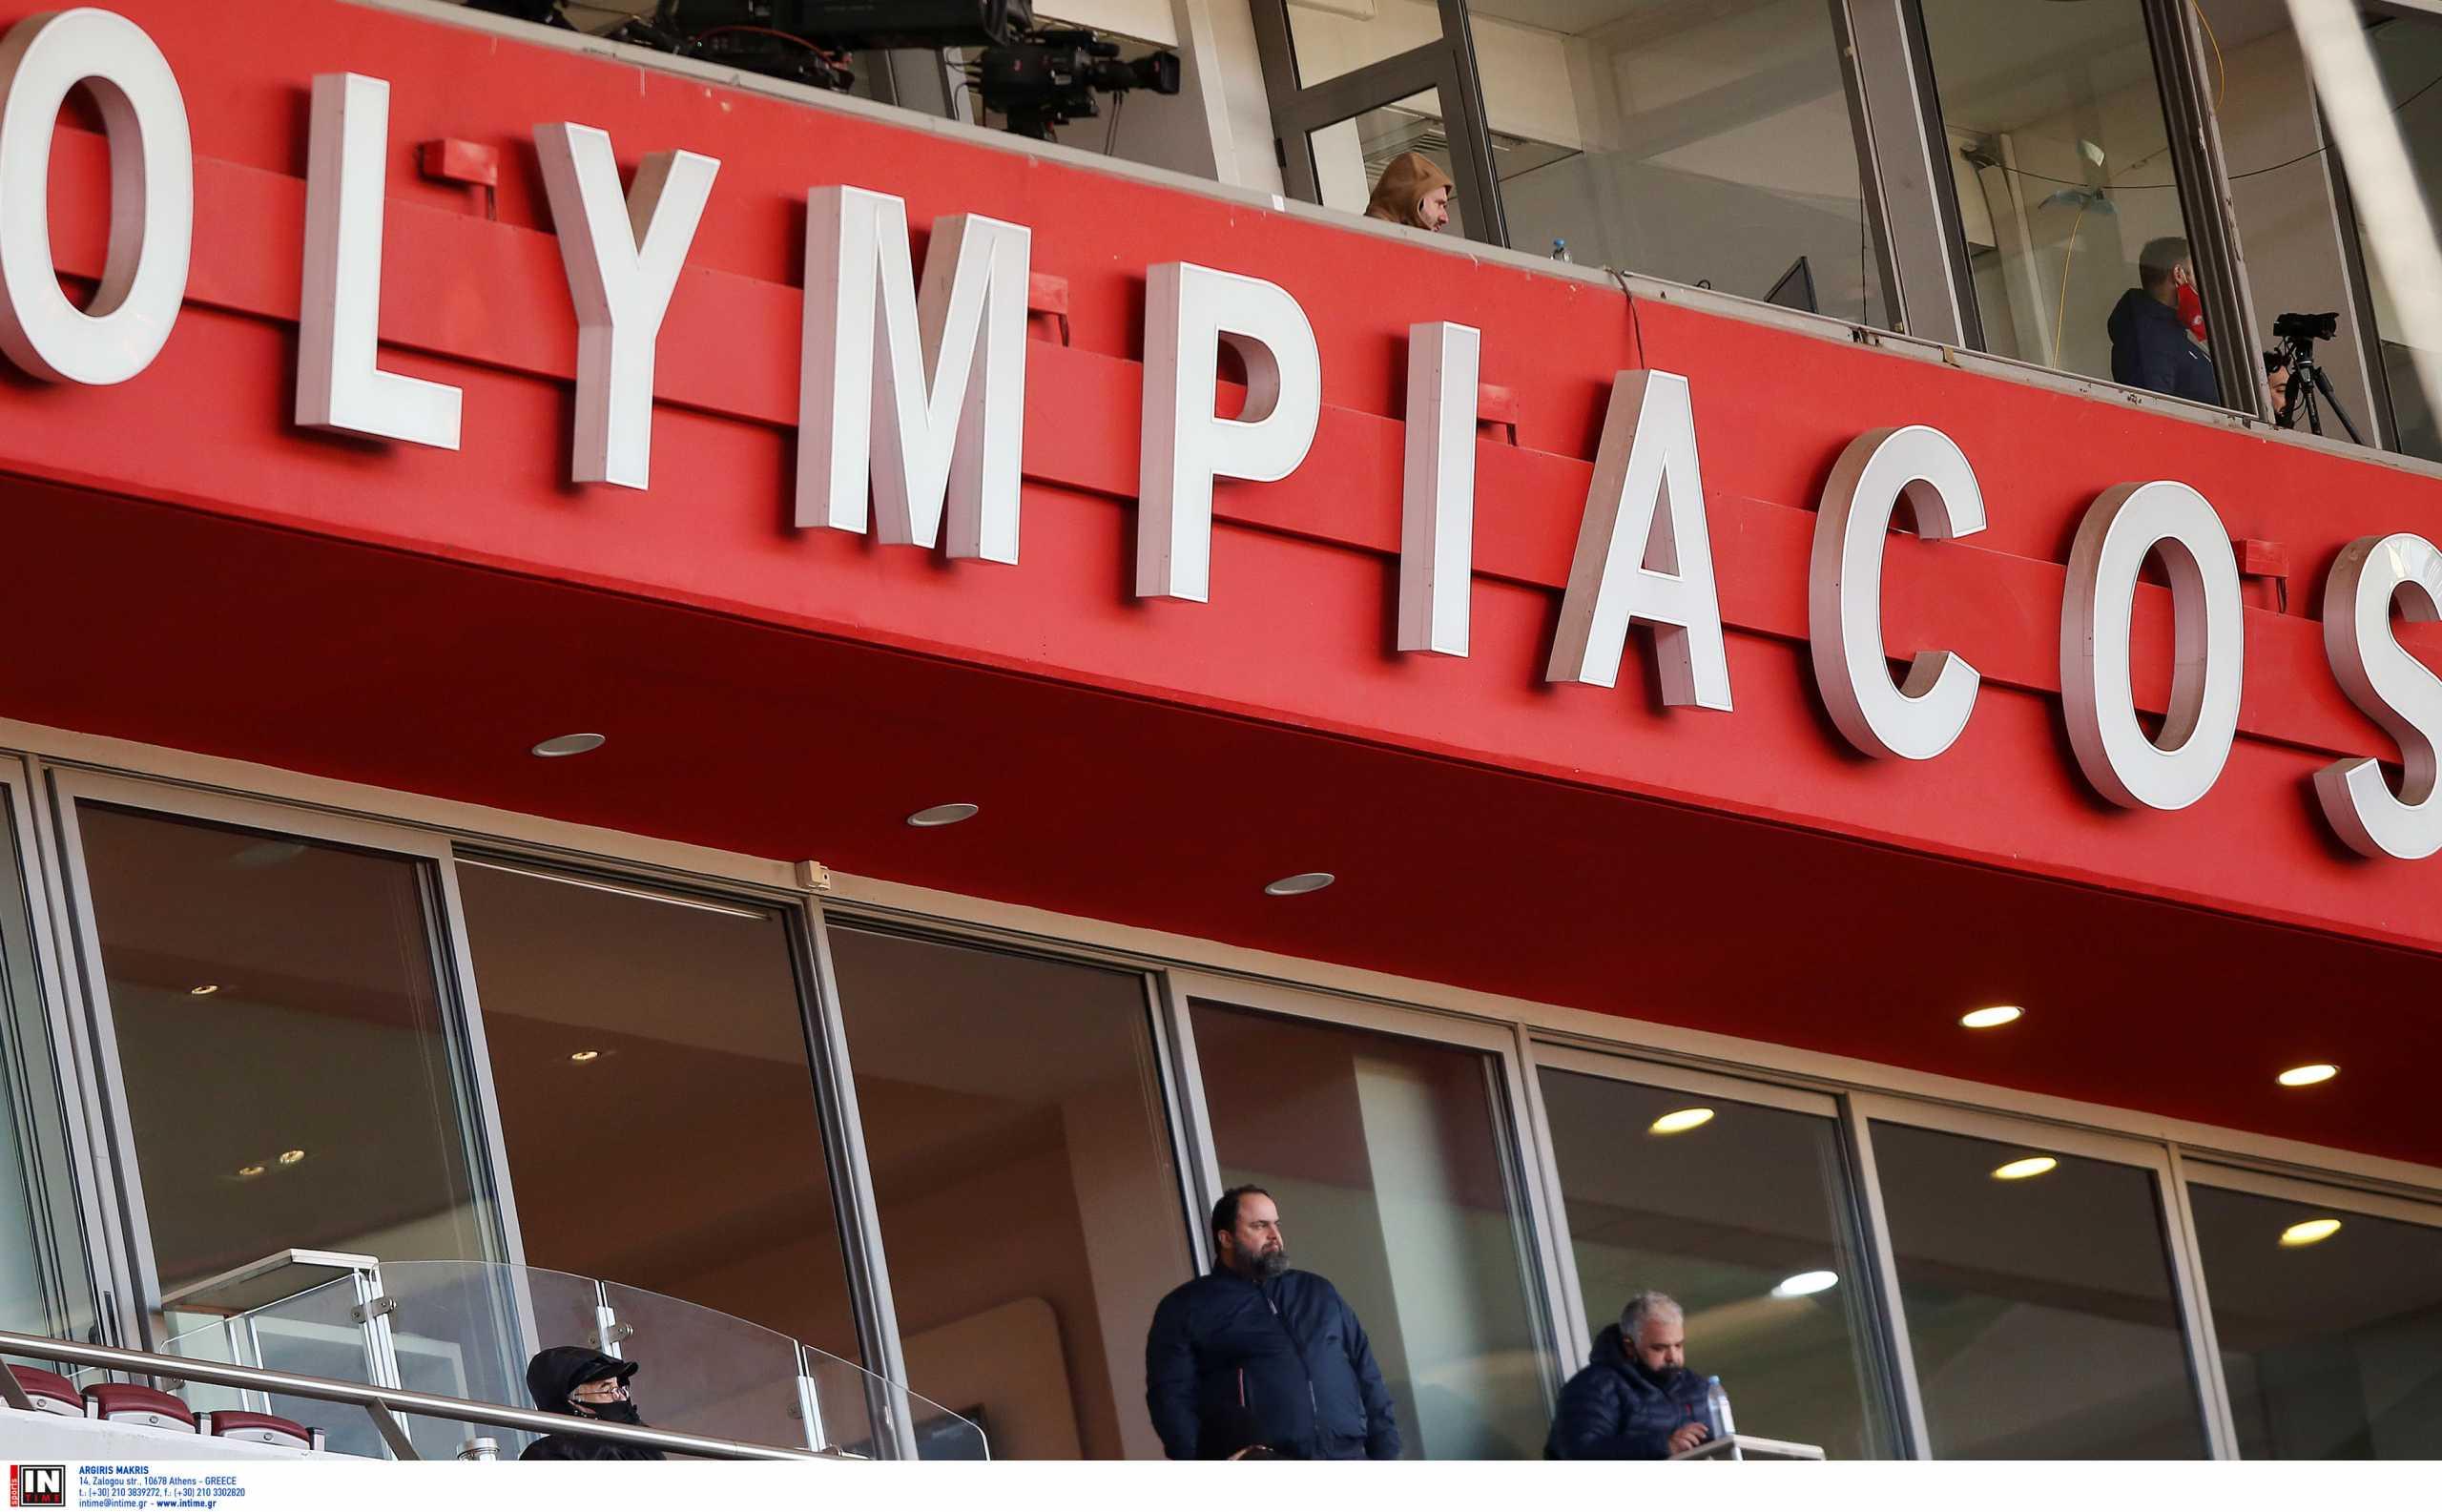 Ο Ολυμπιακός ανέβαλε την διάθεση εισιτήριων διαρκείας για την επόμενη σεζόν